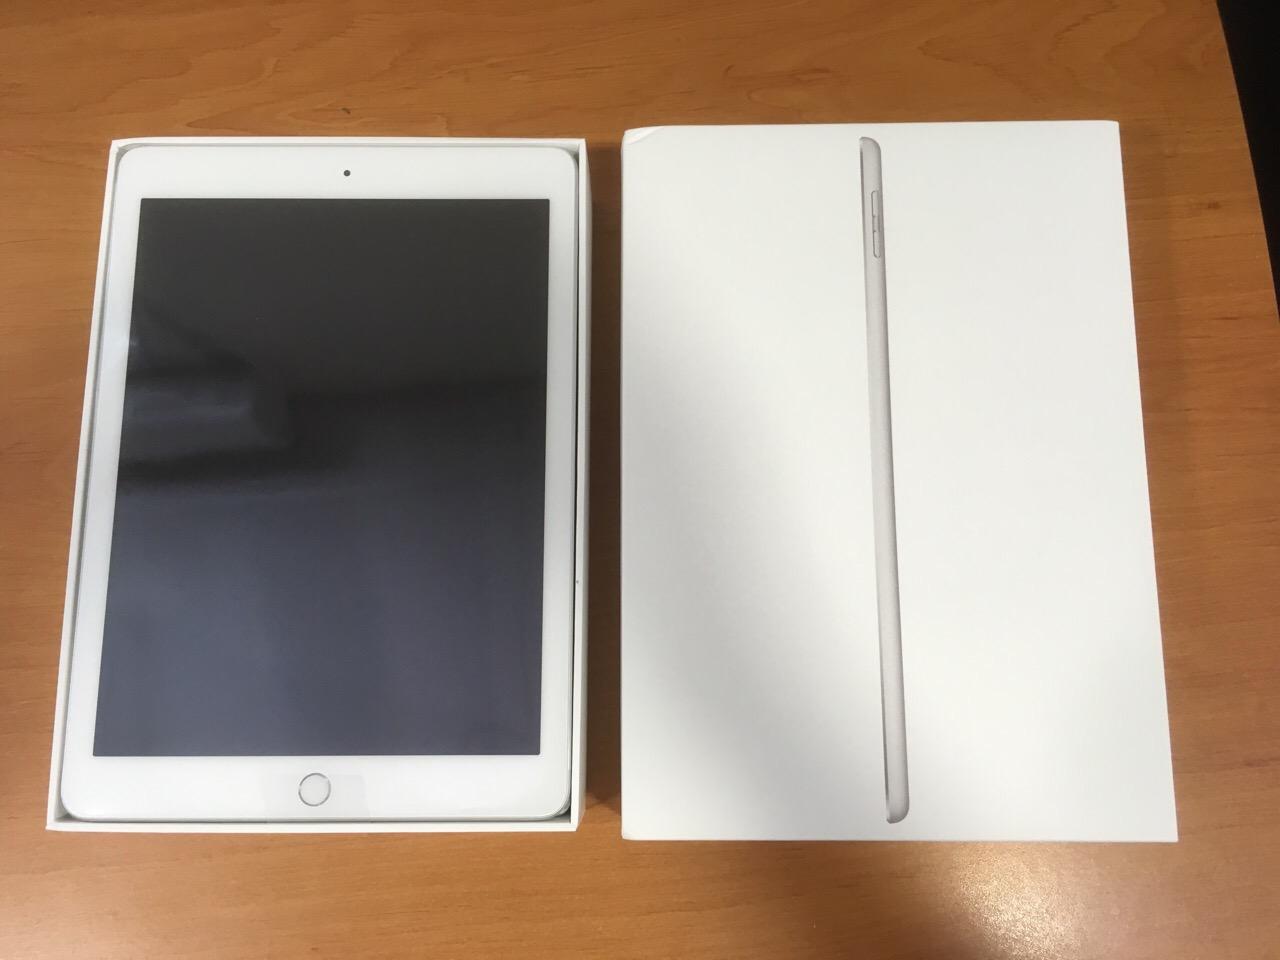 Mon retour d'utilisation de l'iPad 5 de 2017 après quelques jours d'utilisation